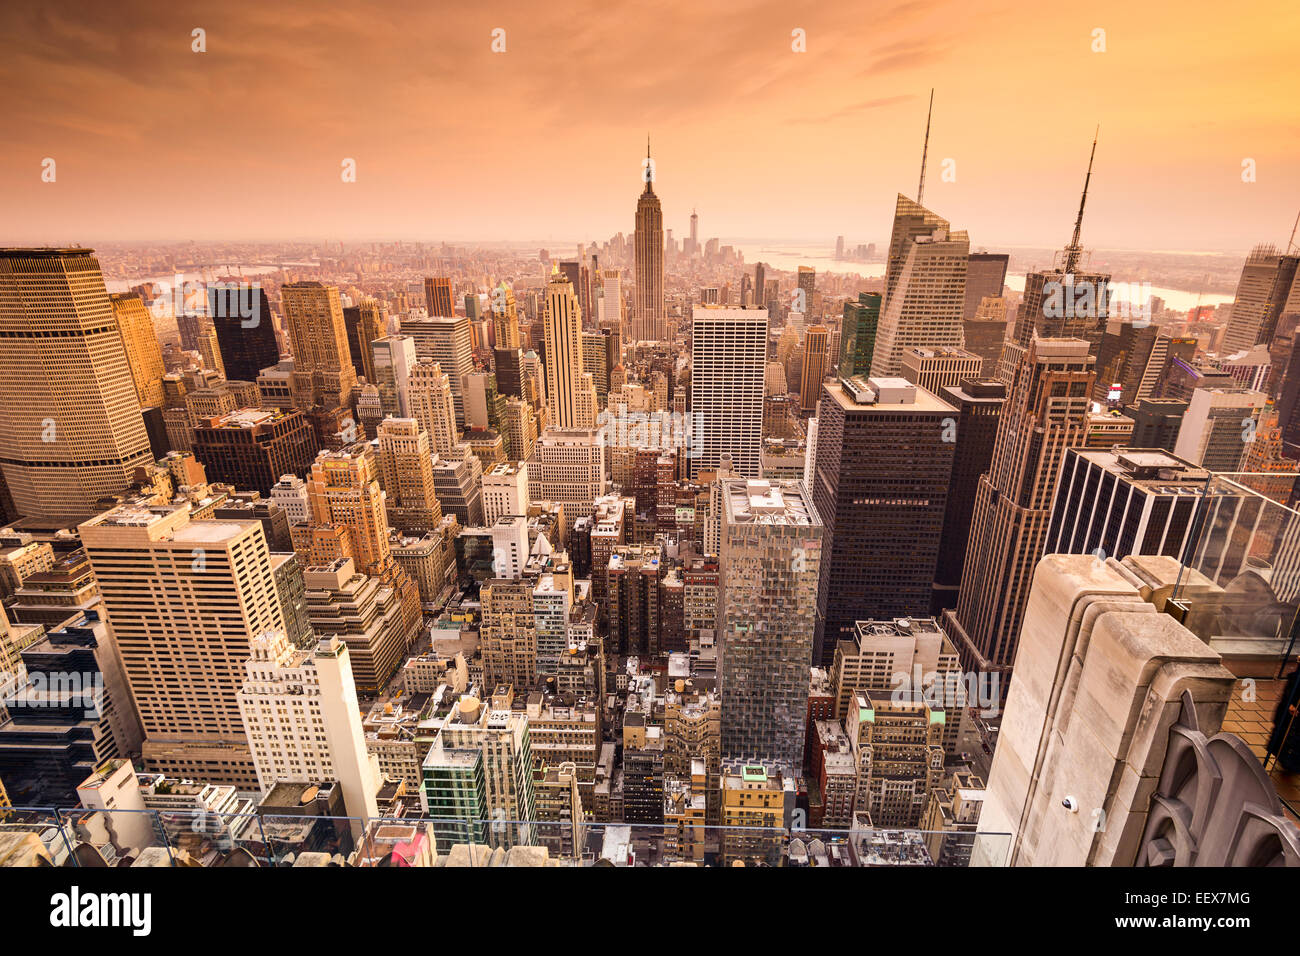 La città di New York, Stati Uniti d'America al di sopra dello skyline di Manhattan. Immagini Stock